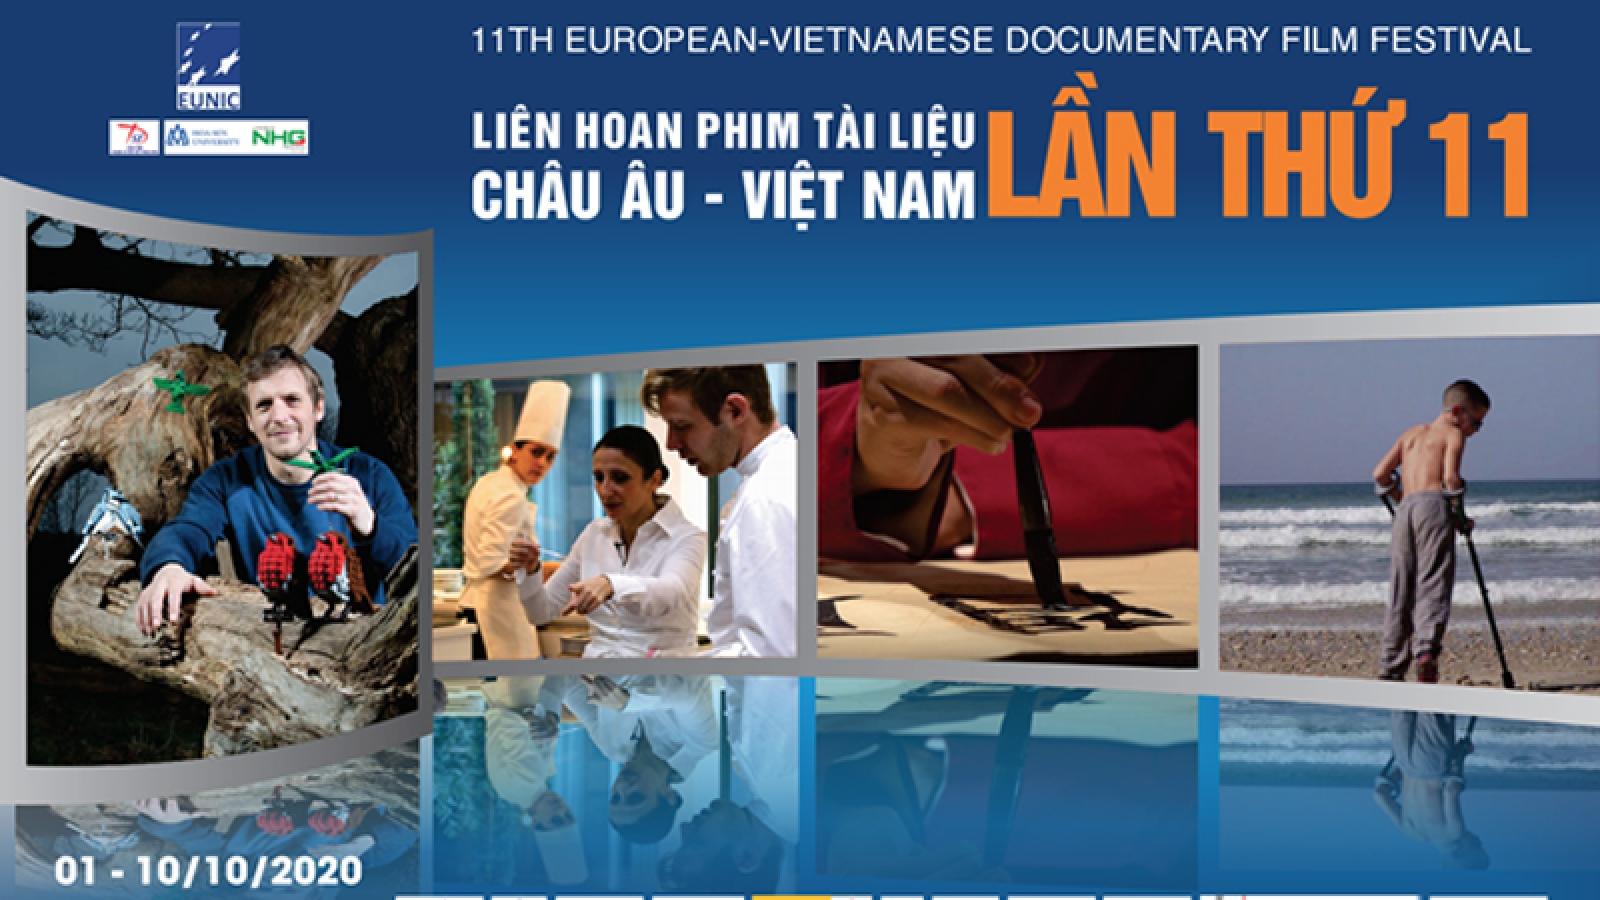 Hanoi, HCM City to host European-Vietnamese Documentary Film Festival